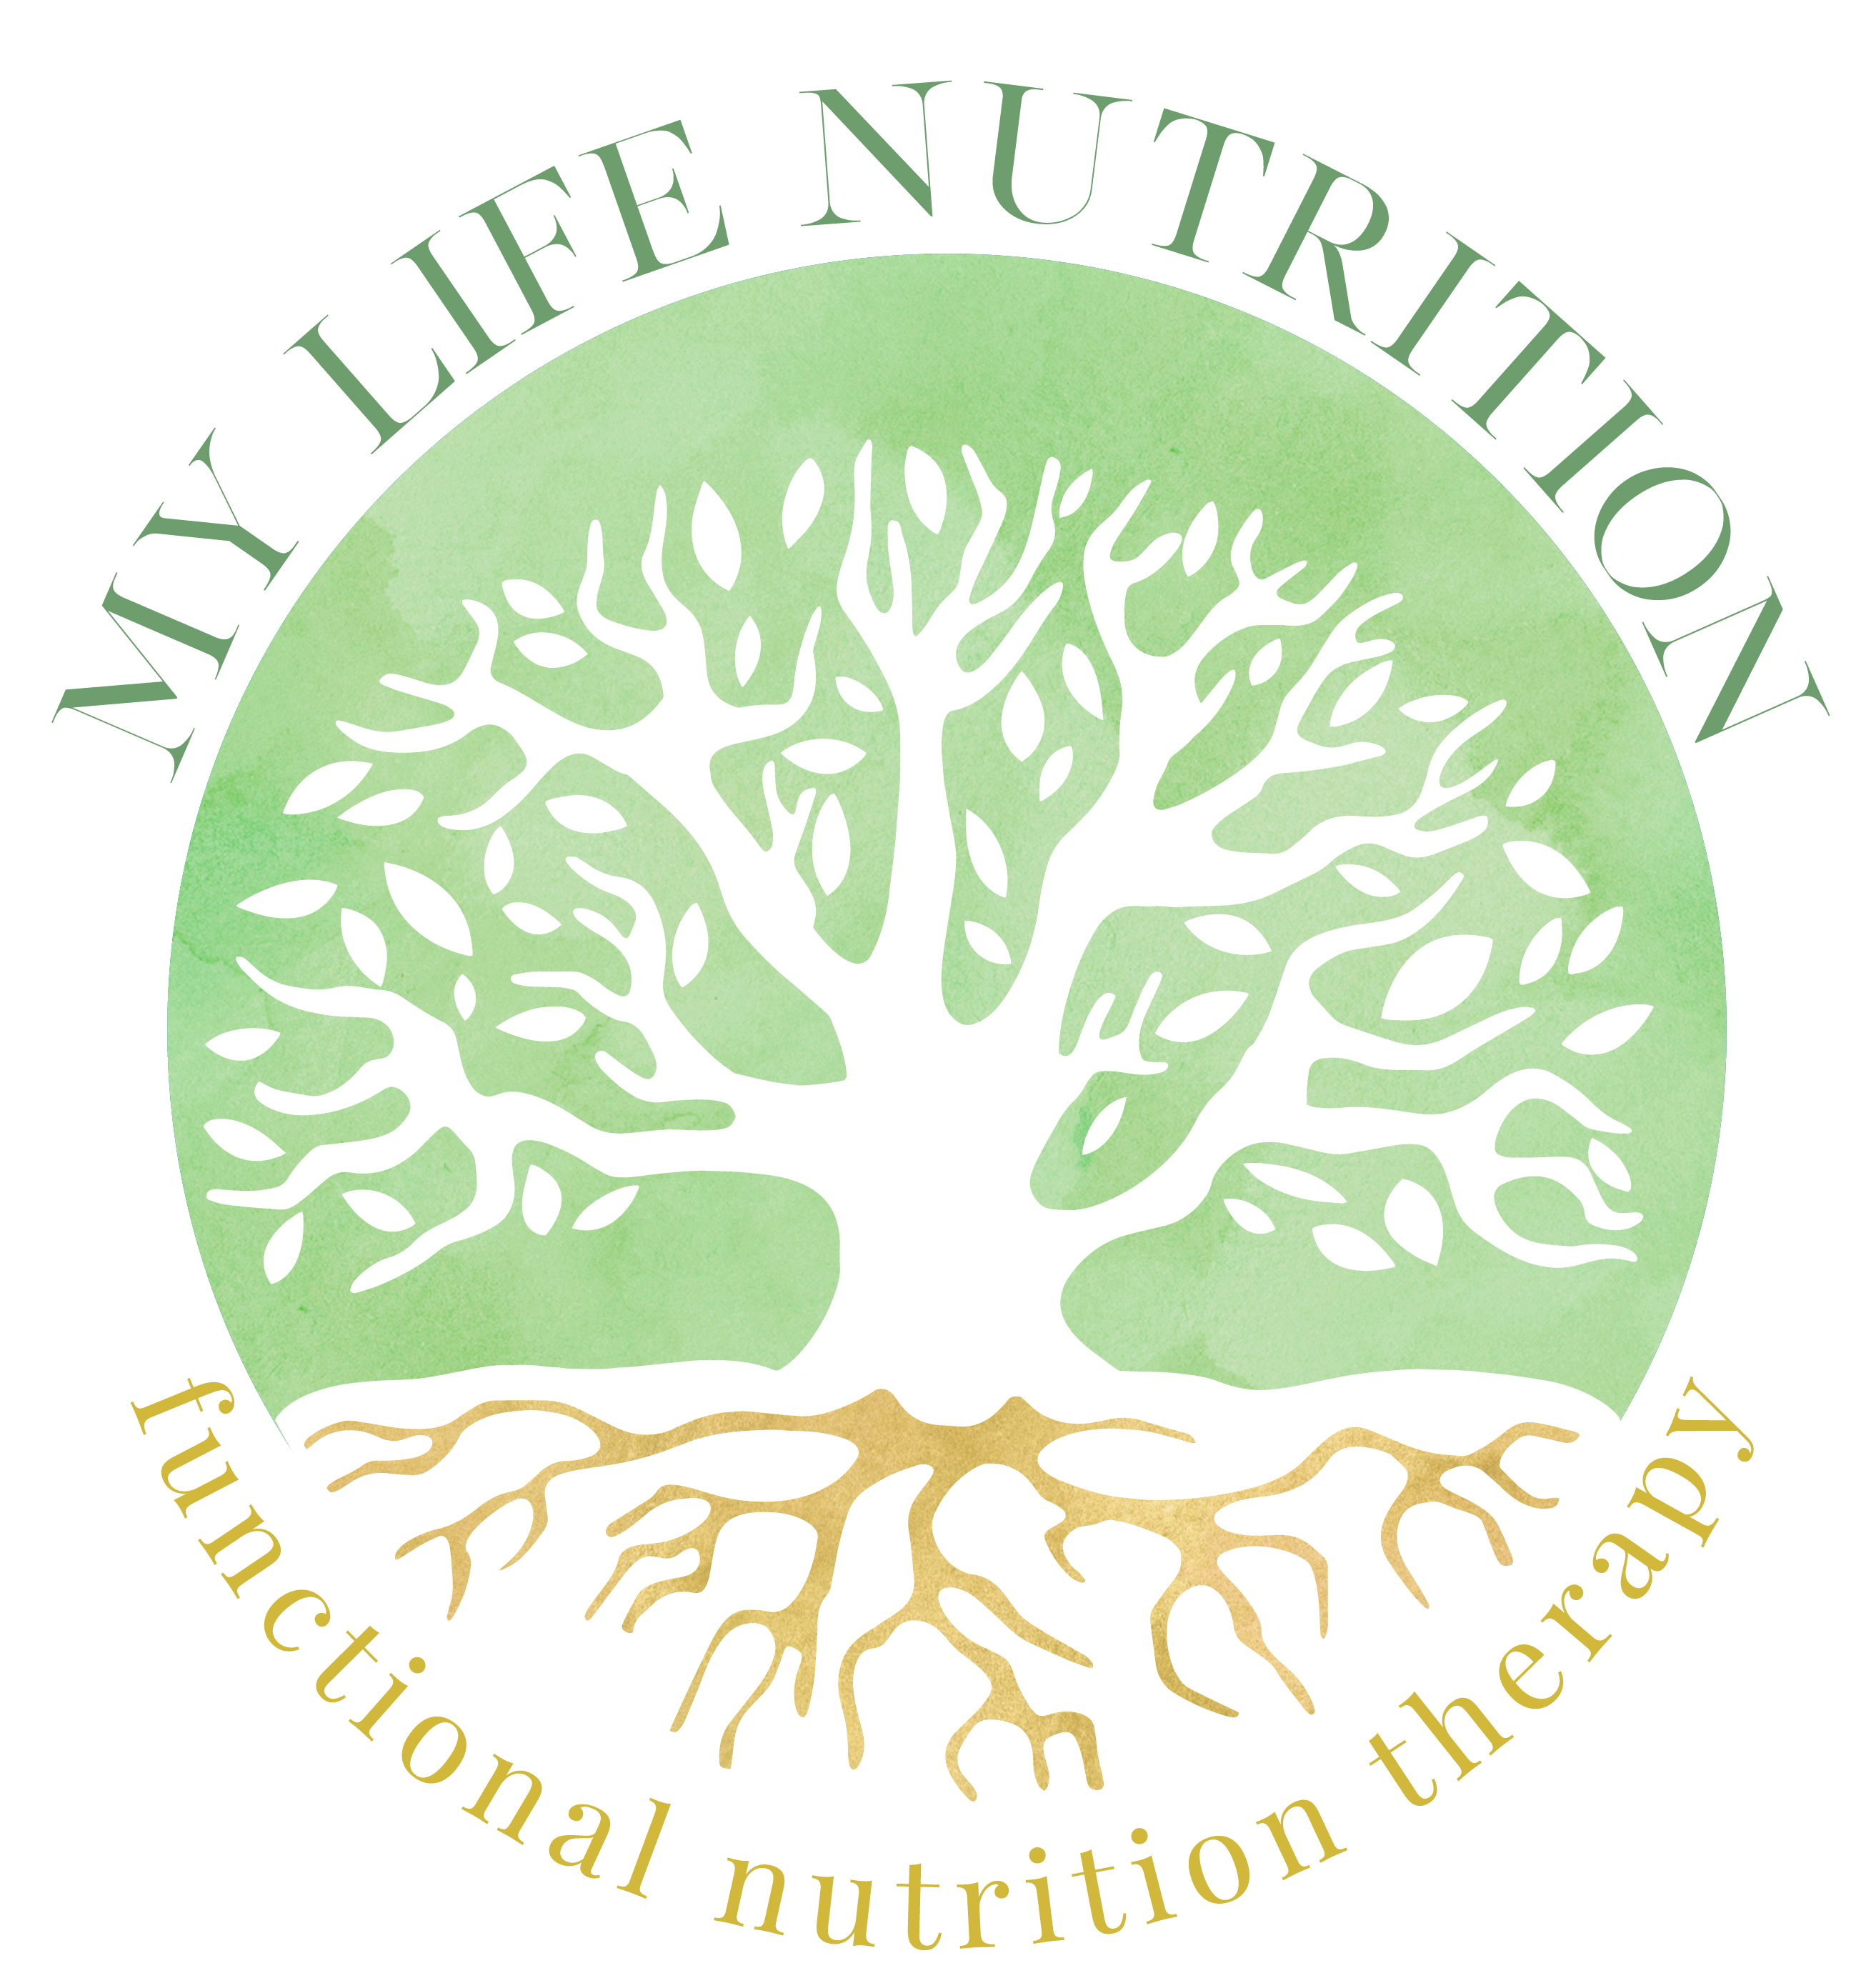 My Life Nutrition LLC